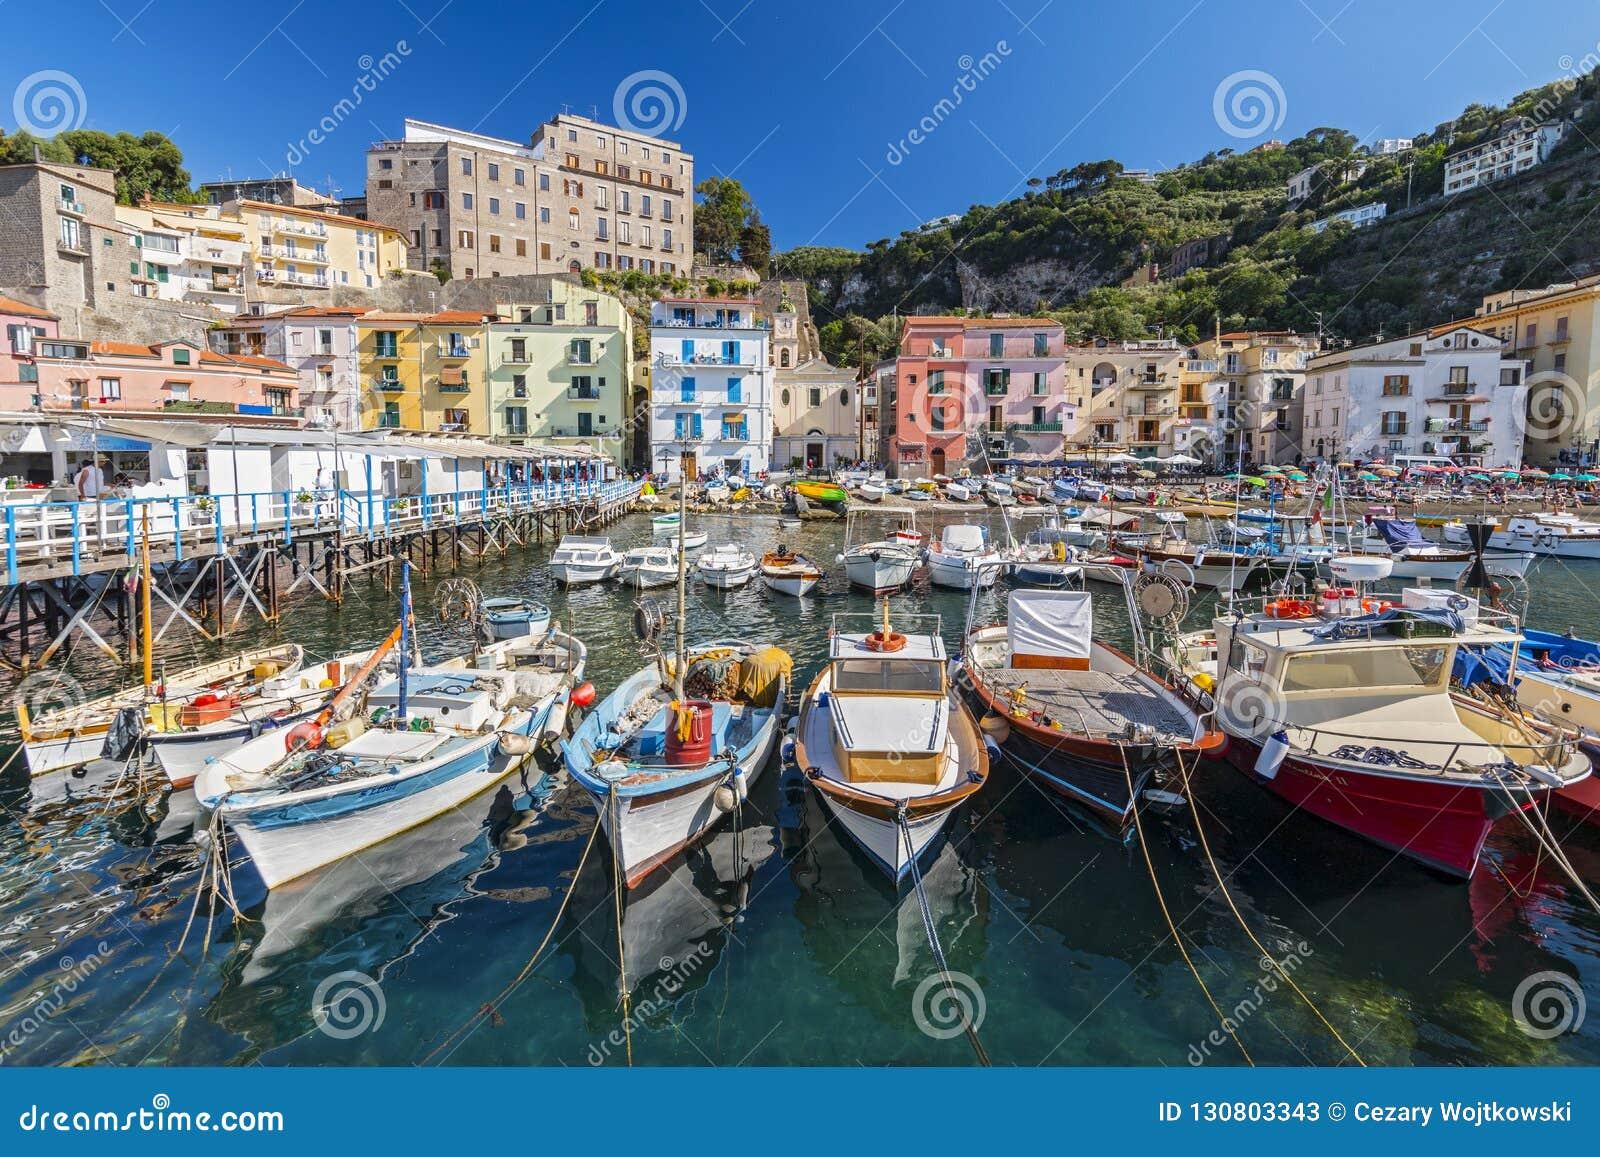 Kleine Fischerboote am Hafen Marina Grande in Sorrent, Kampanien, Amalfi-Küste, Italien